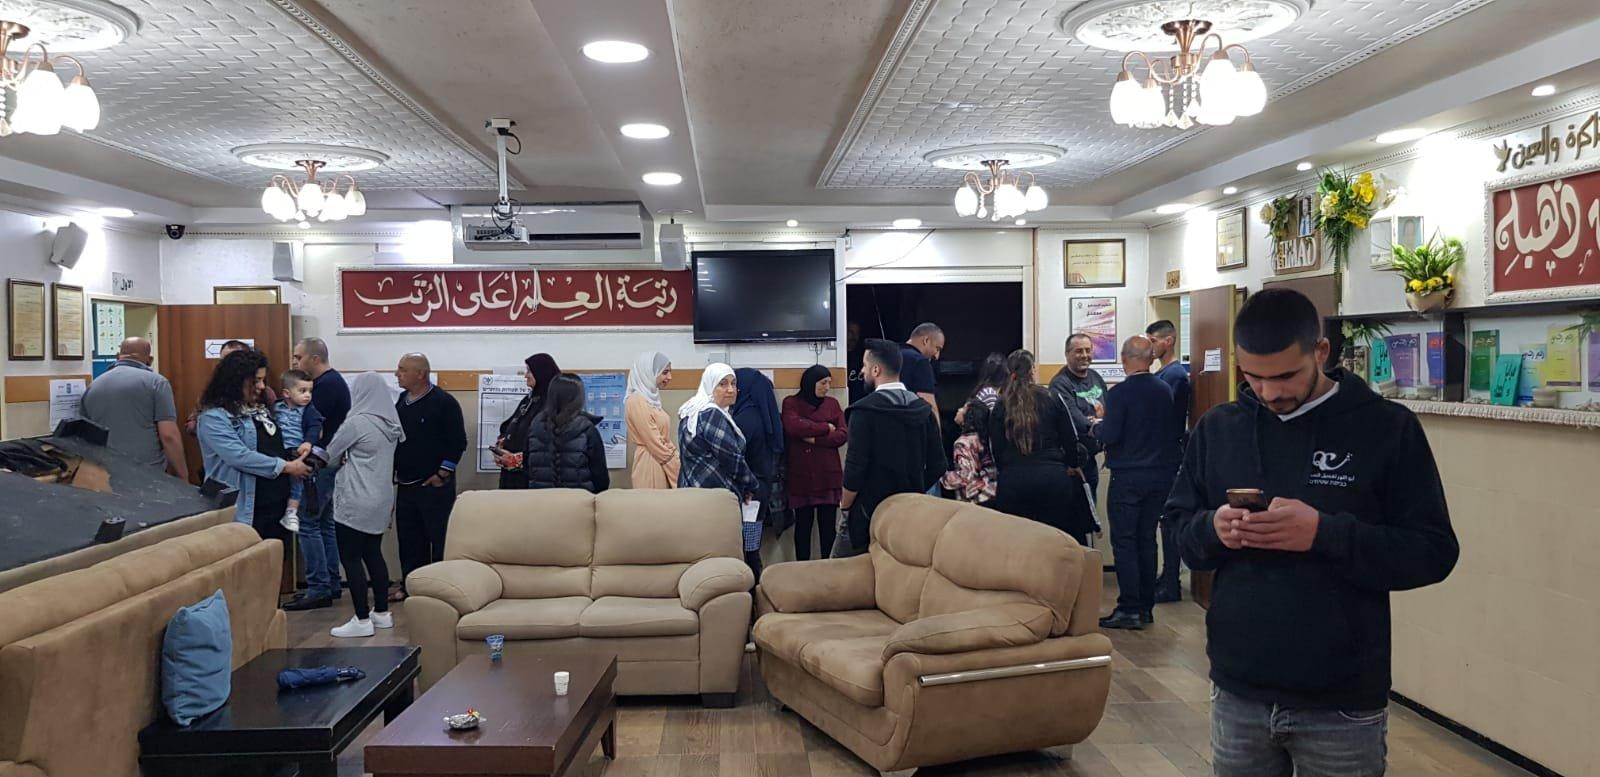 الرامة، مكبرات الصوت في المساجد والكنائس تنادي للتصويت